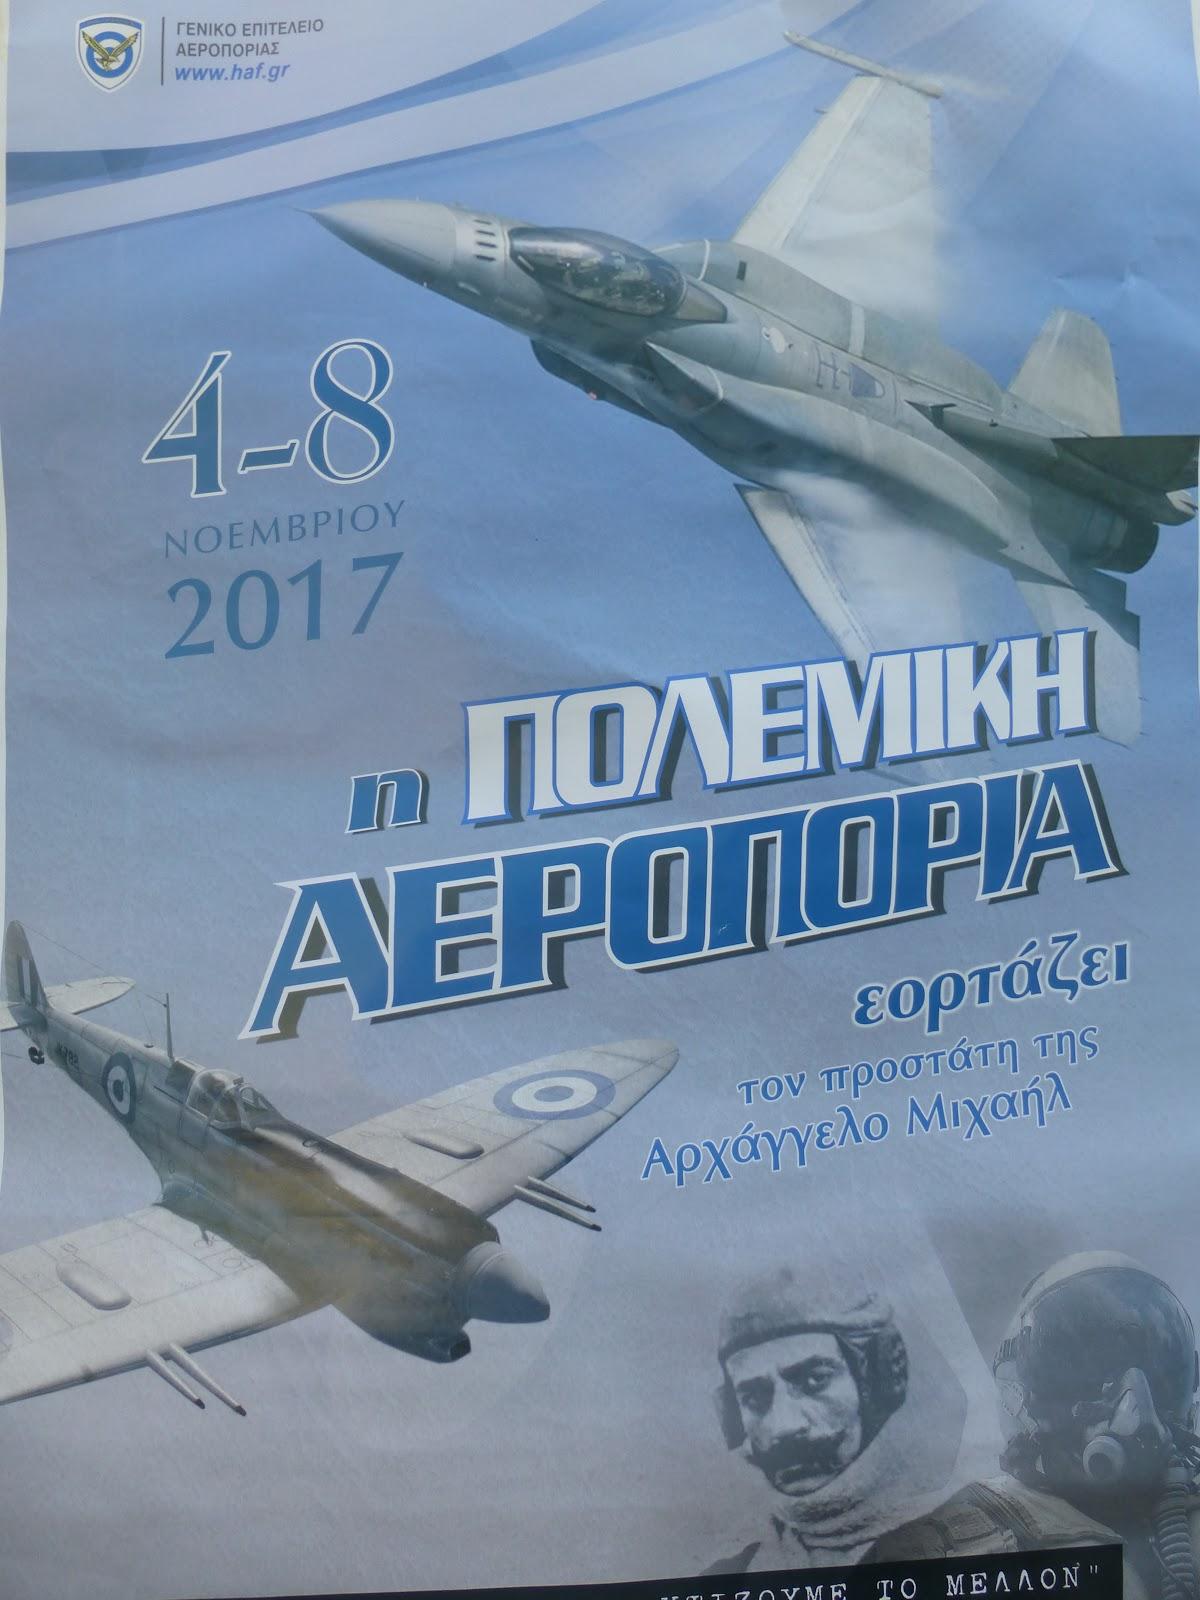 Σειρά εκδηλώσεων για τον εορτασμό του προστάτη της Πολεμικής Αεροπορίας Αρχάγγελο Μιχαήλ στη Λάρισα